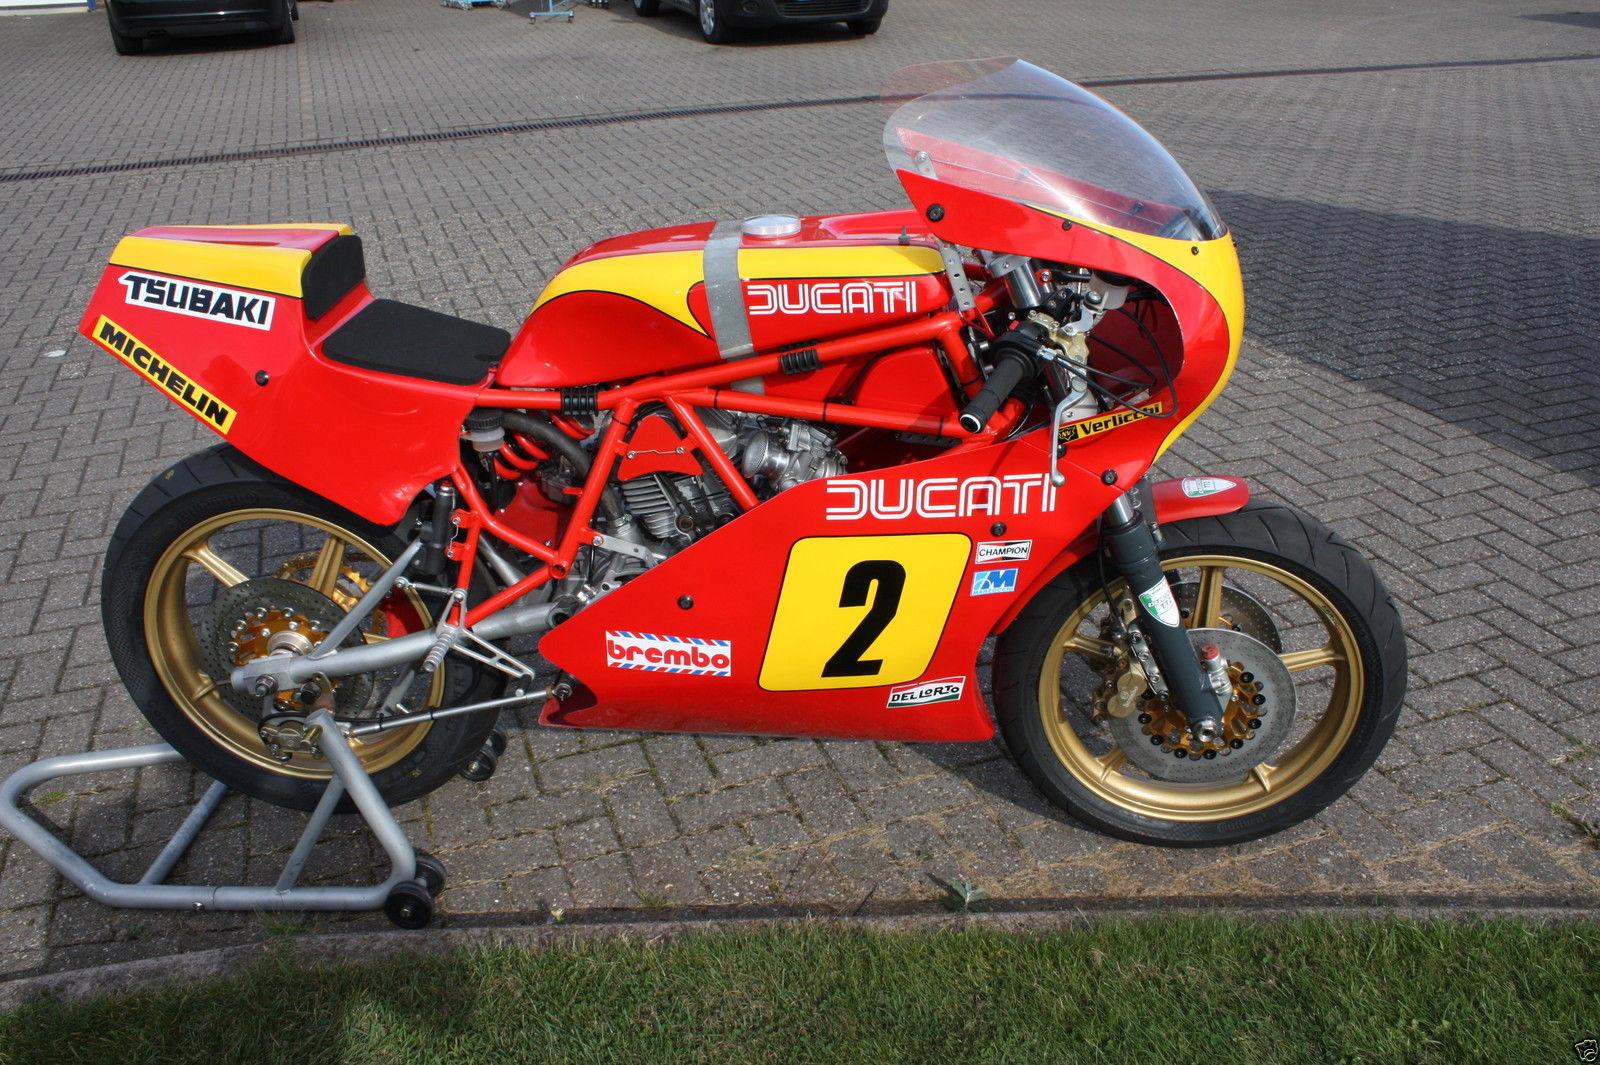 DUCATI TT2 RACE BIKE